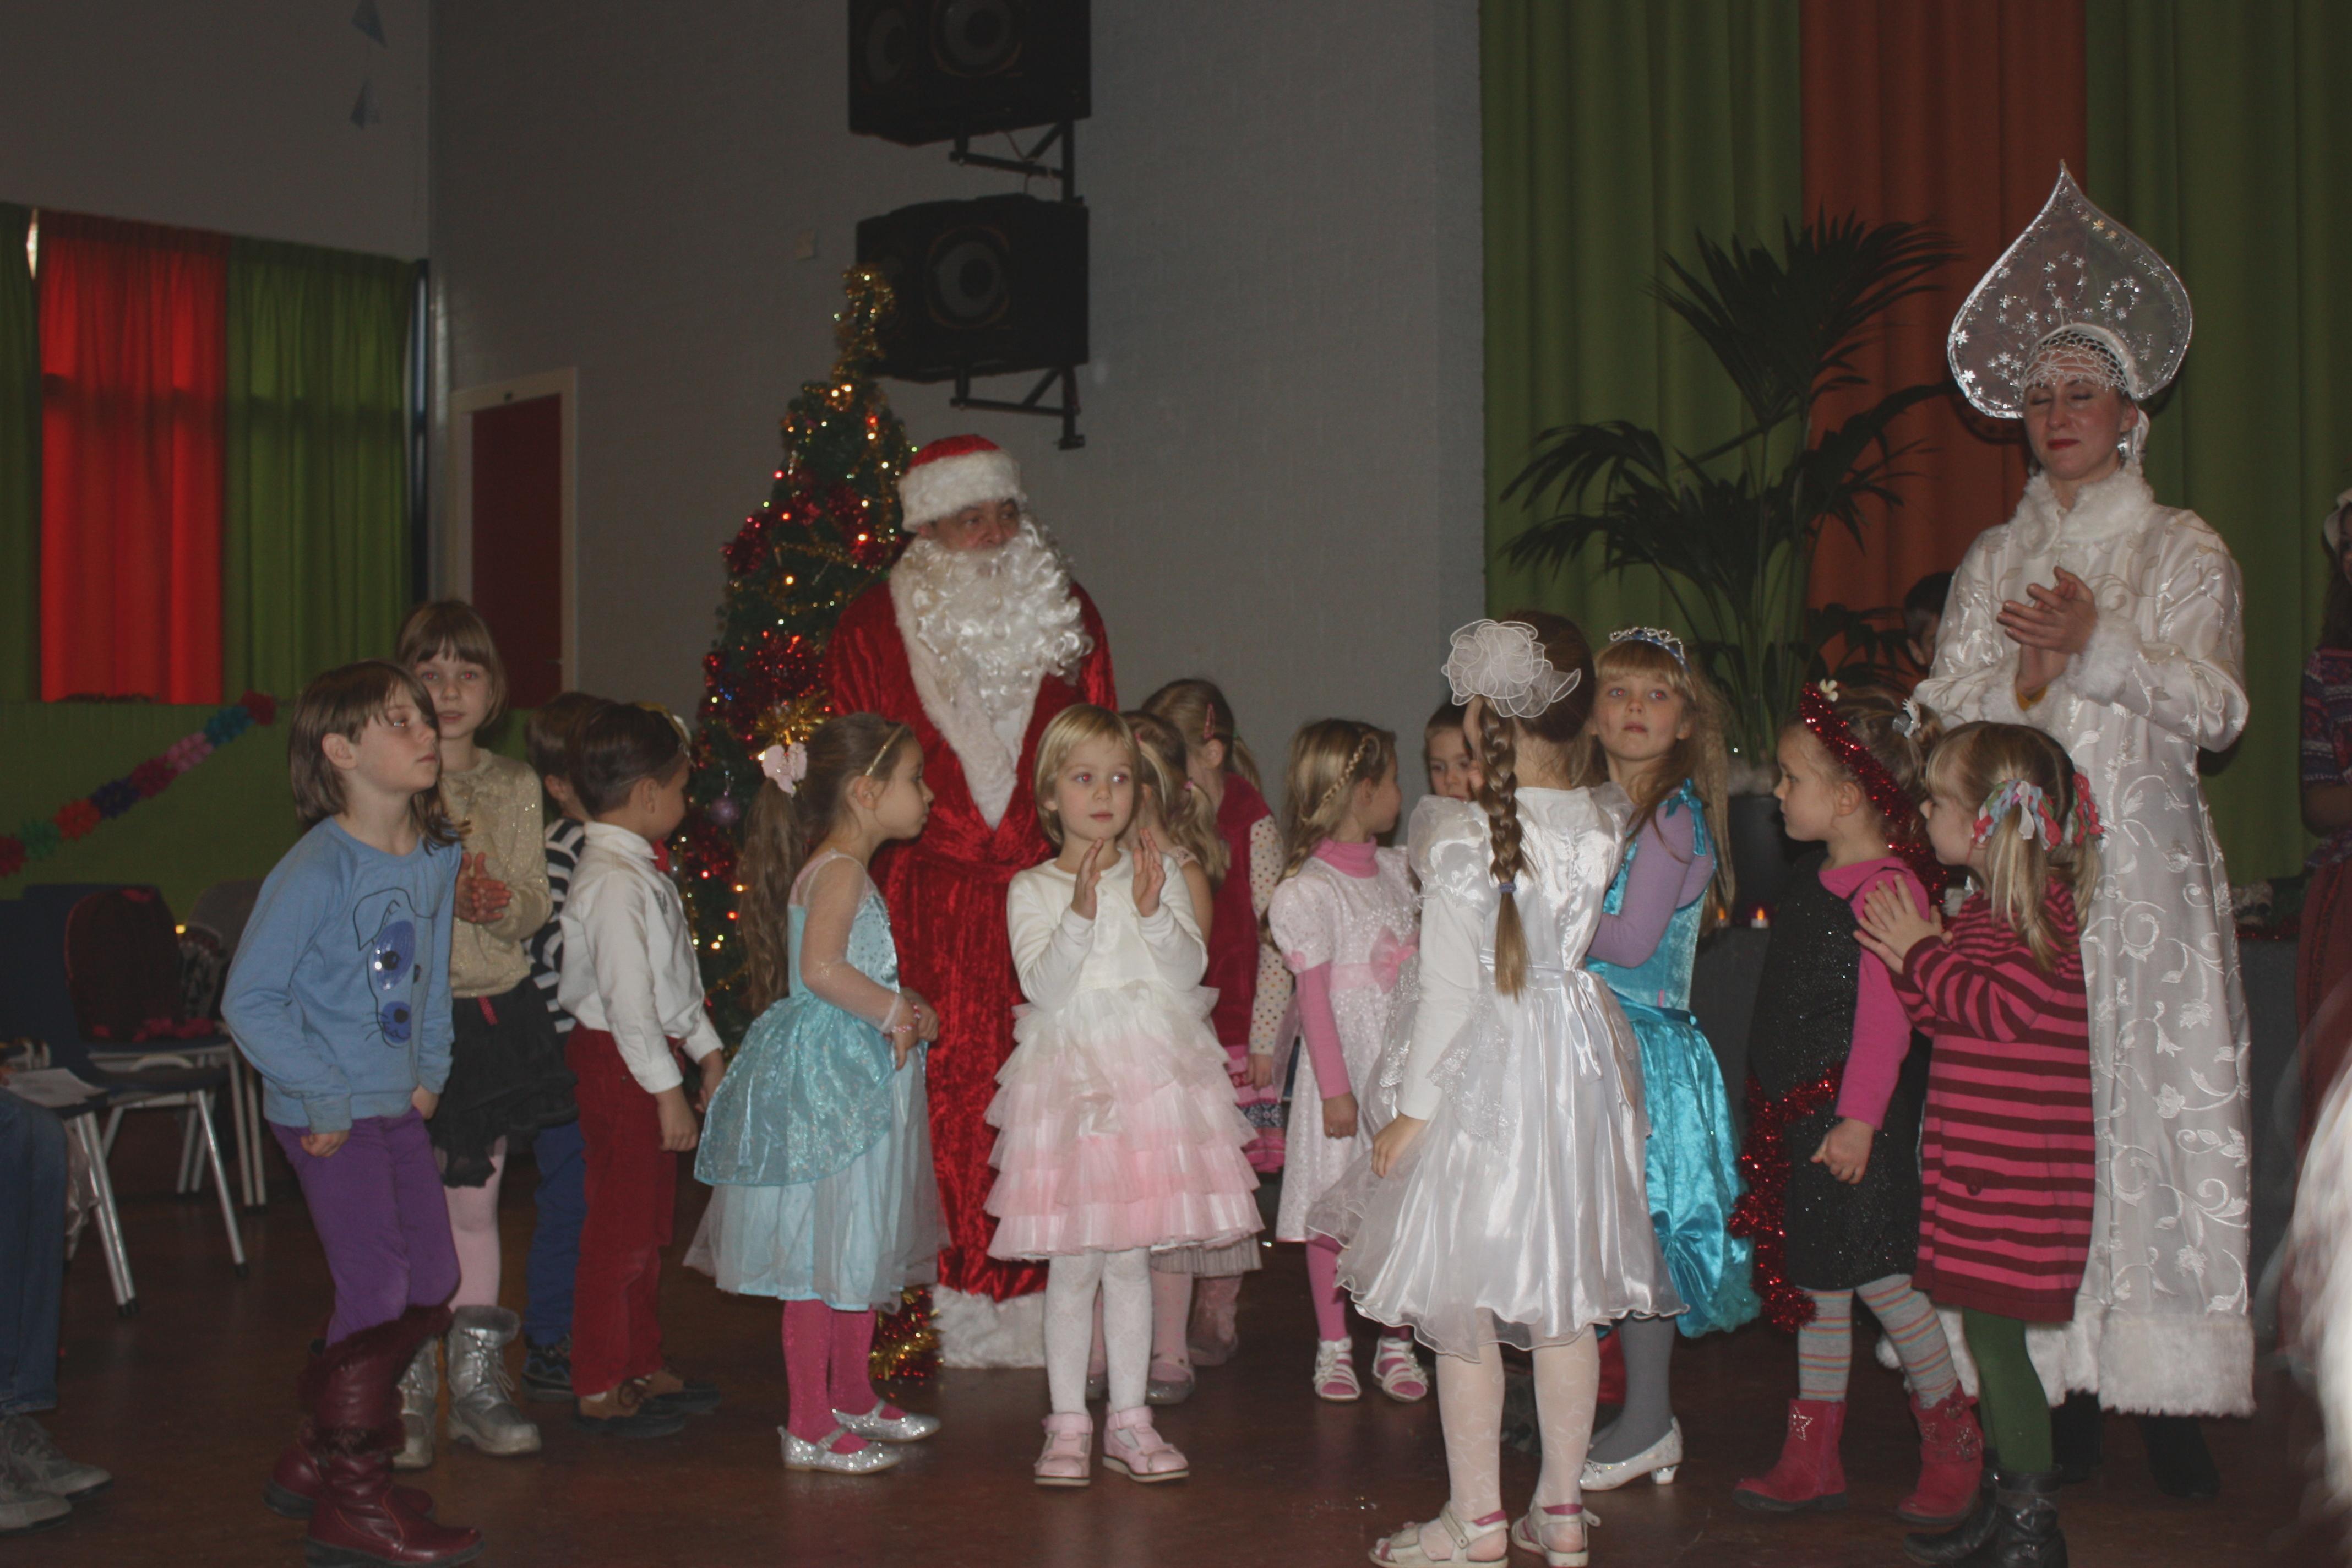 фото-сессия с Дедом Морозом и Снегурочкой